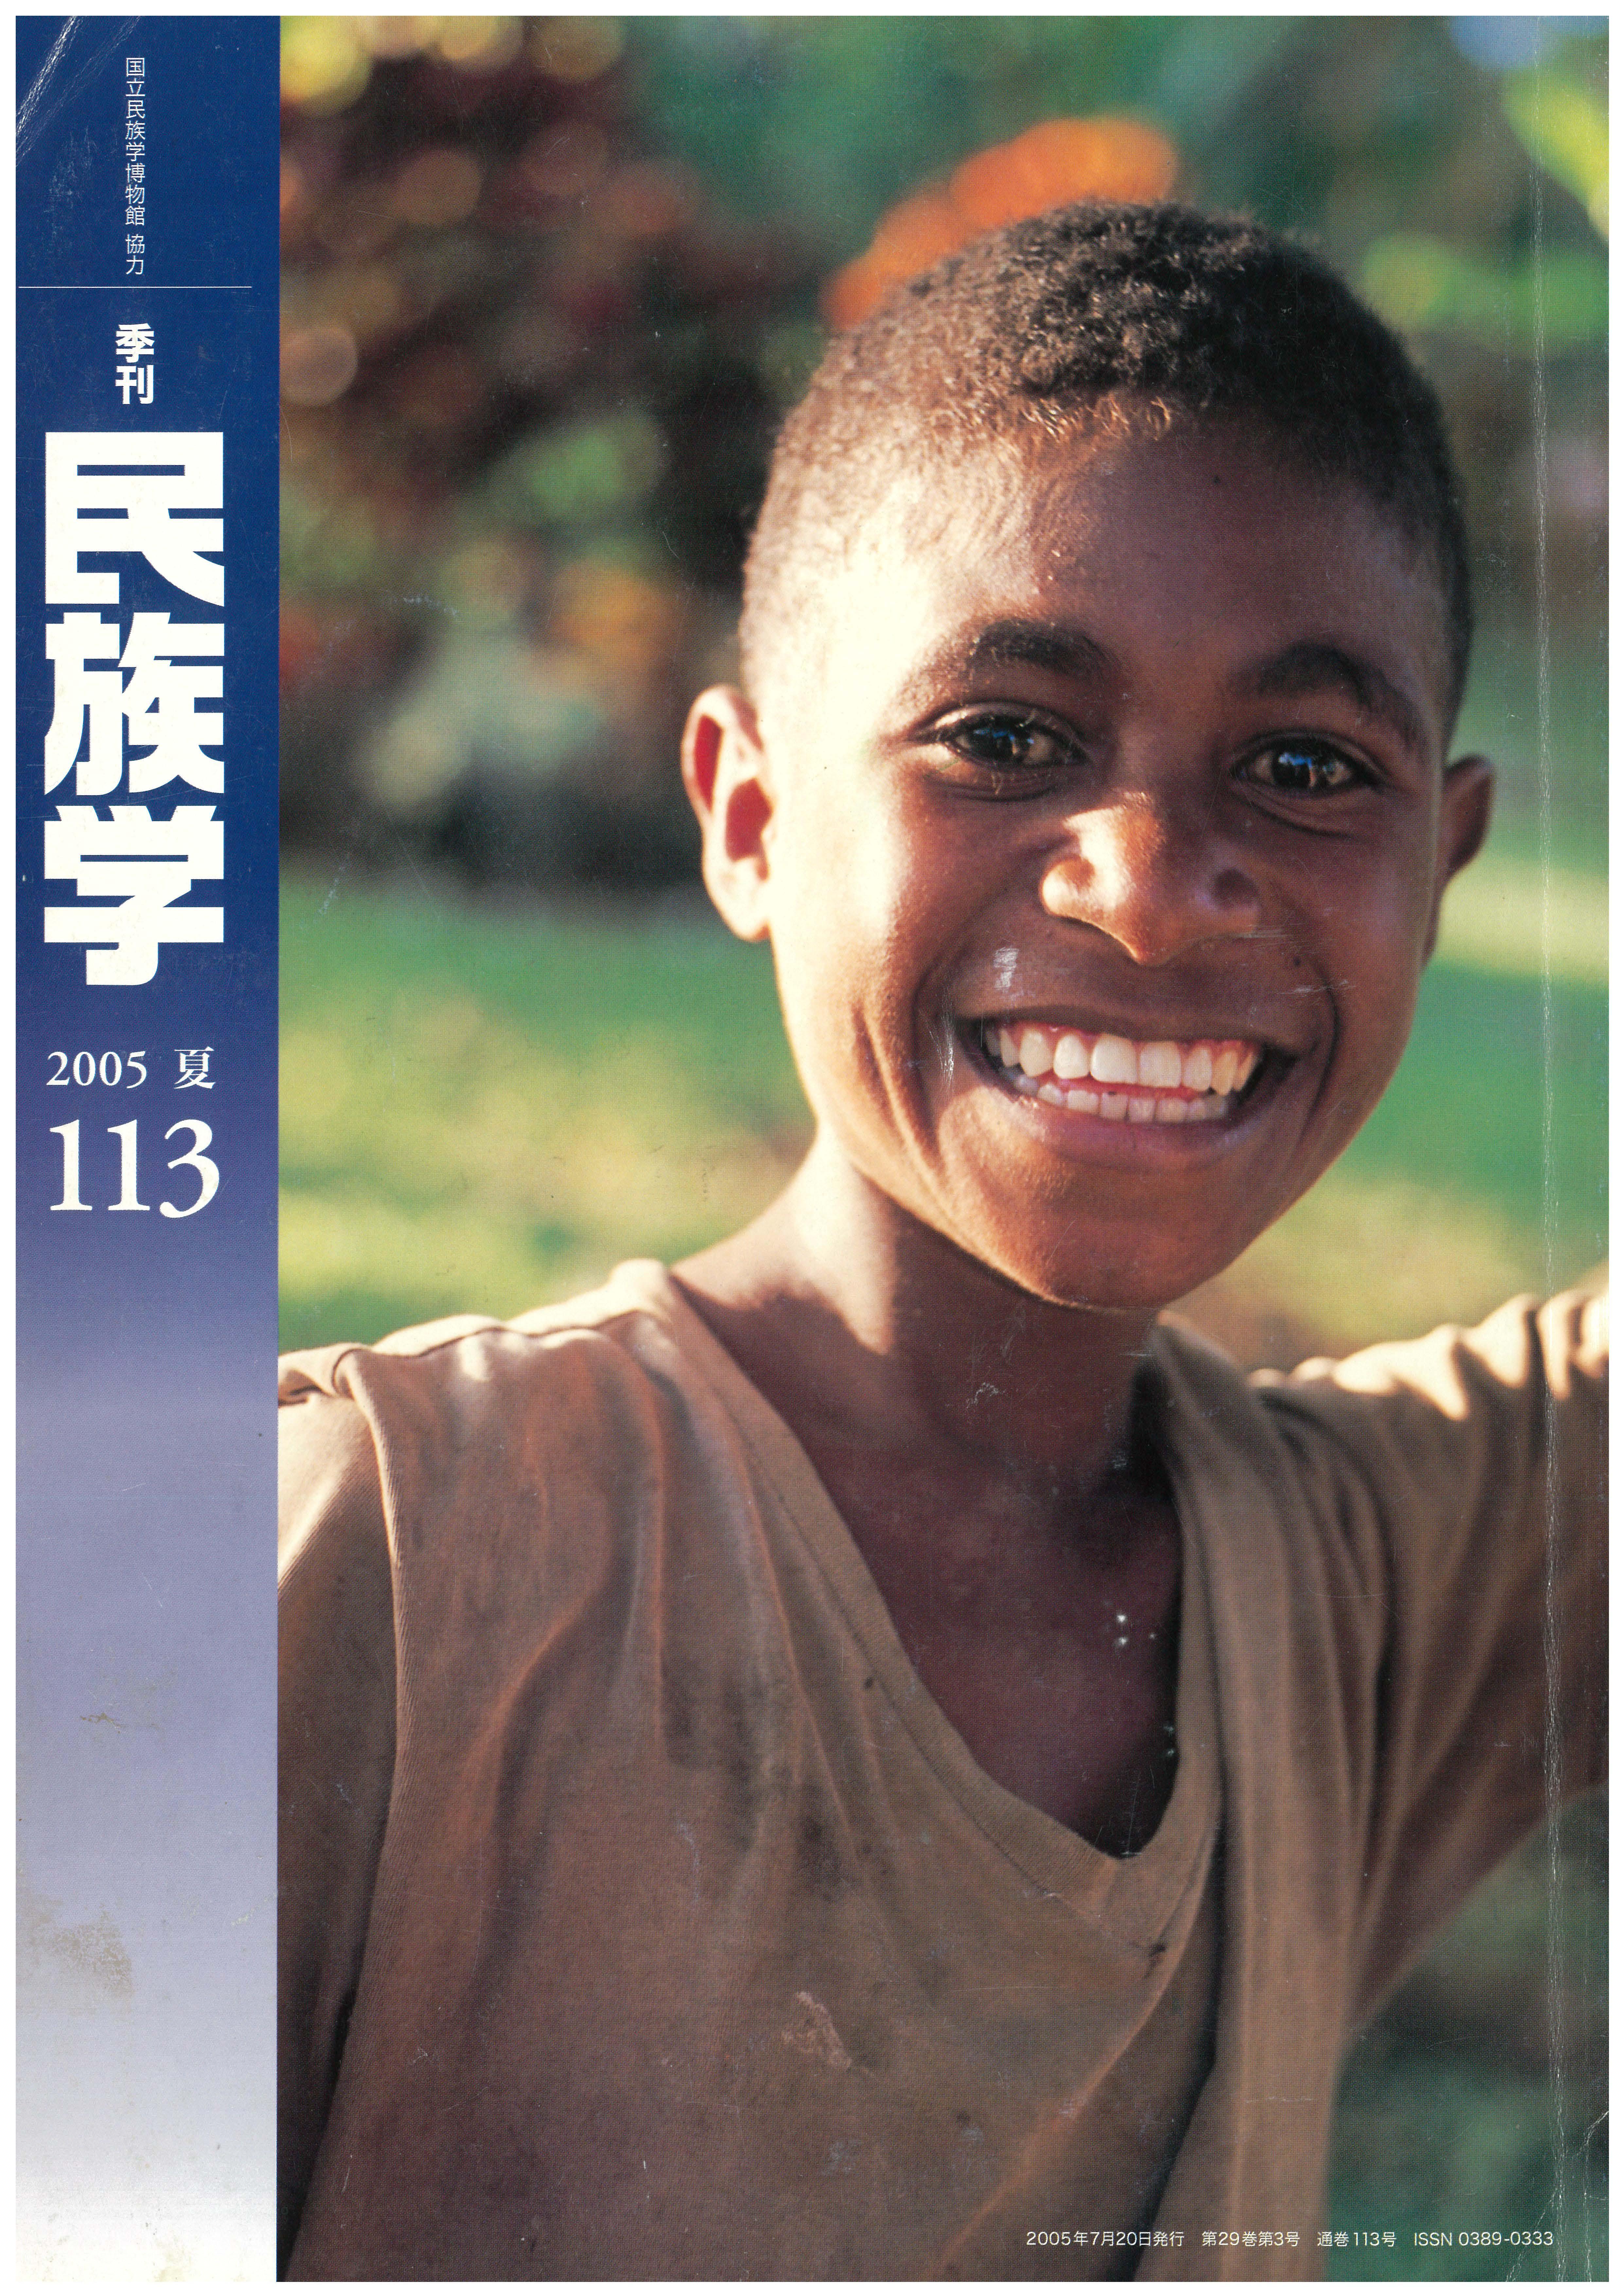 113号 2005年 夏